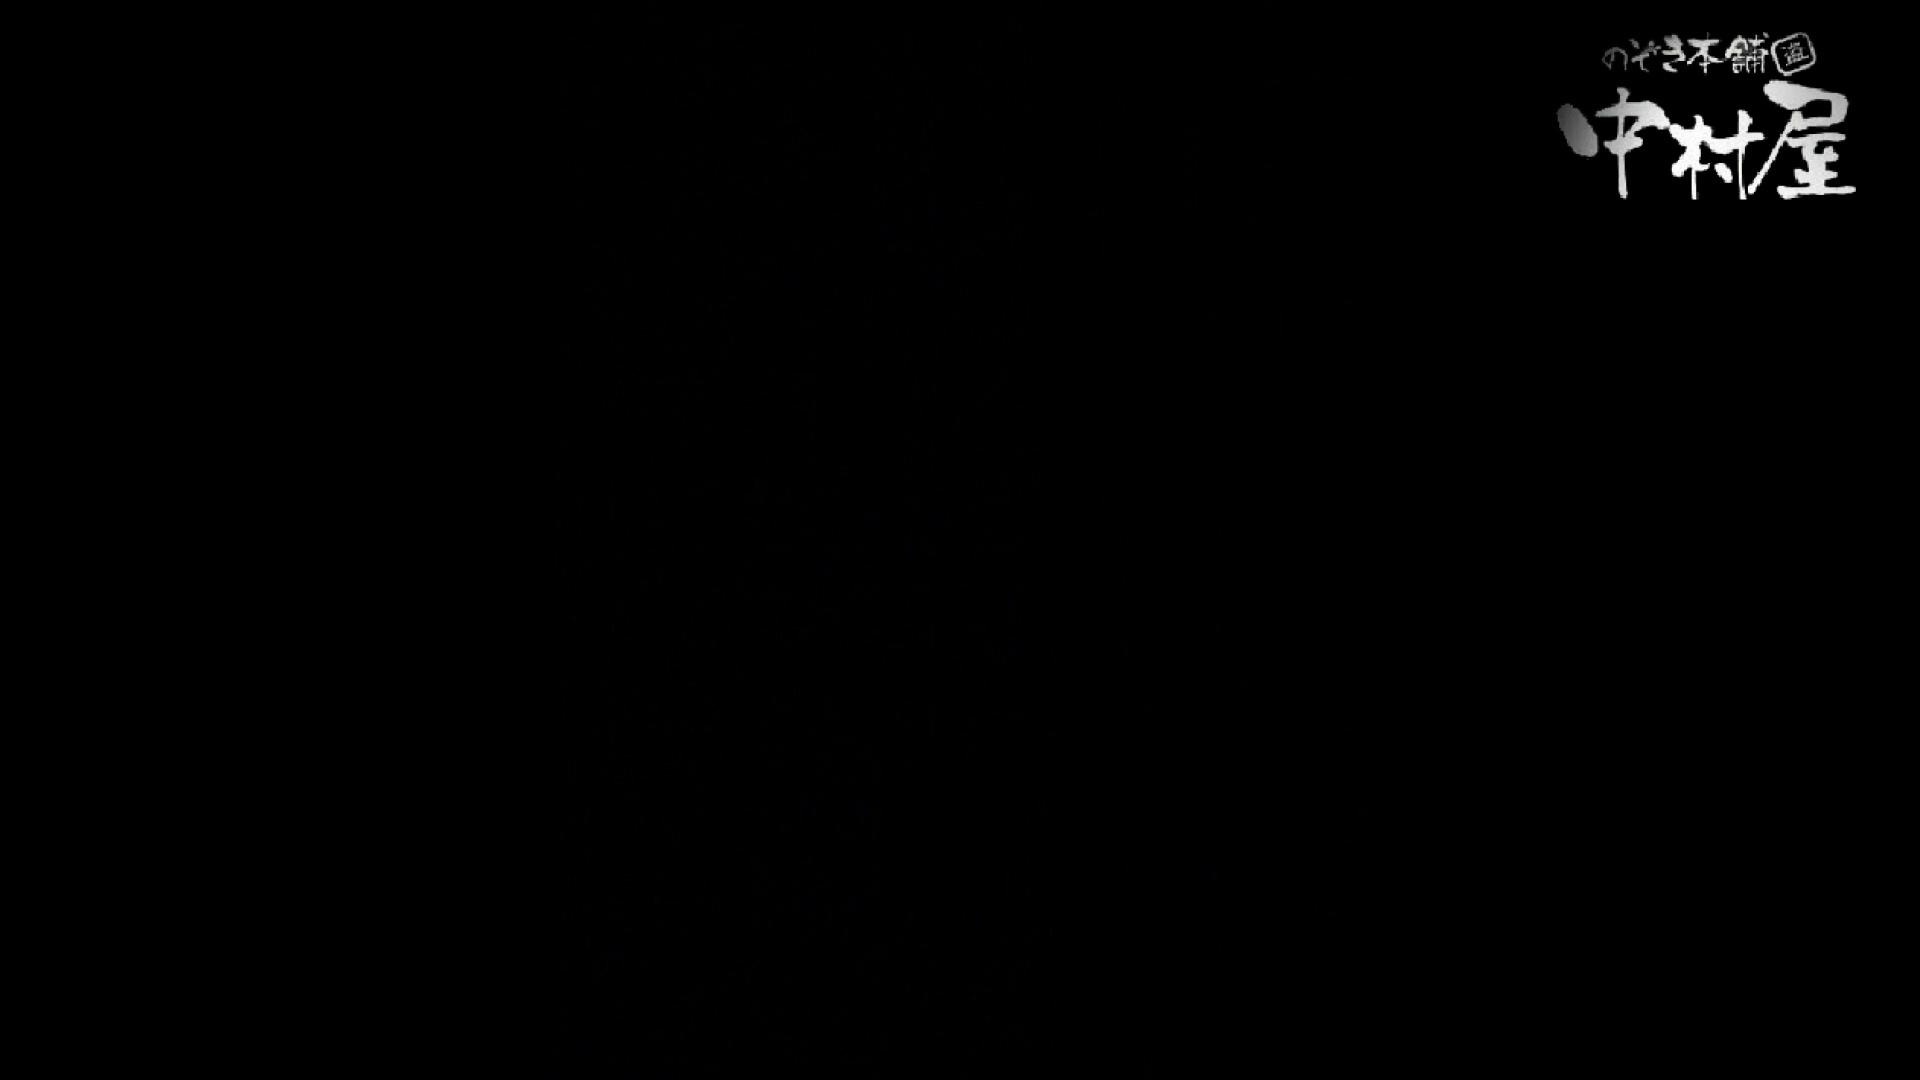 雅さんの独断と偏見で集めた動画集 民家Vol.6 ギャルのエロ動画  80PIX 51